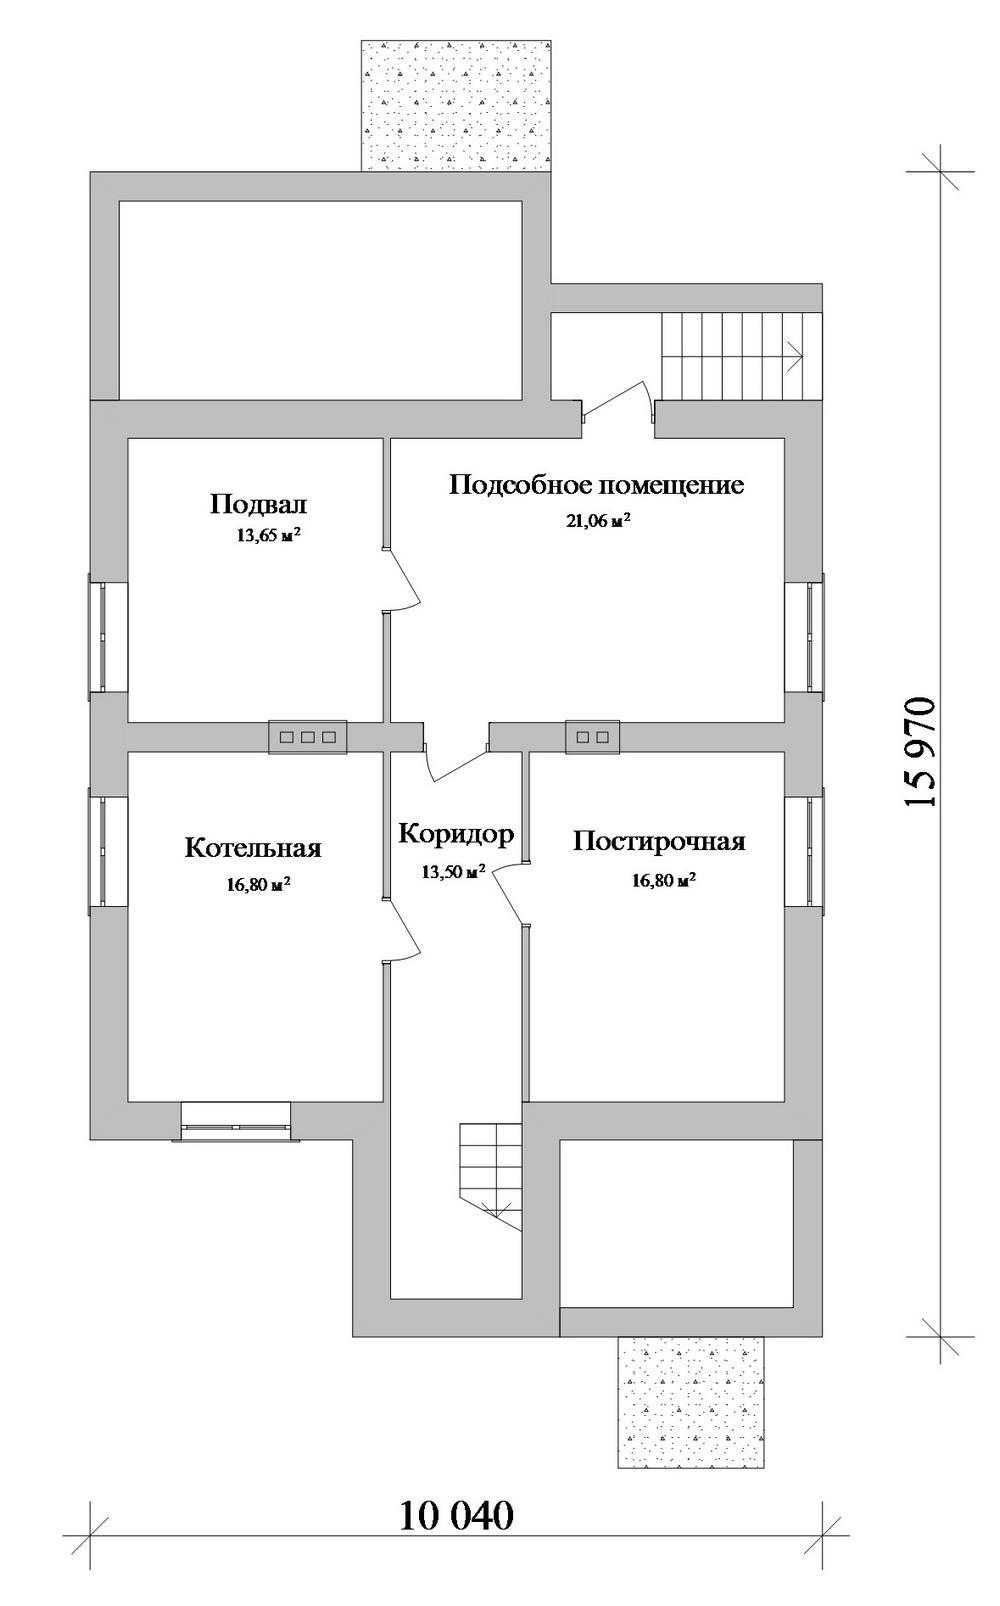 Альянс E-057. Проект двухэтажного дома с цокольным этажом, с 3 спальнями, подвалом, террасойАльянс E-057. Проект двухэтажного дома с цокольным этажом, с 3 спальнями, подвалом, террасой